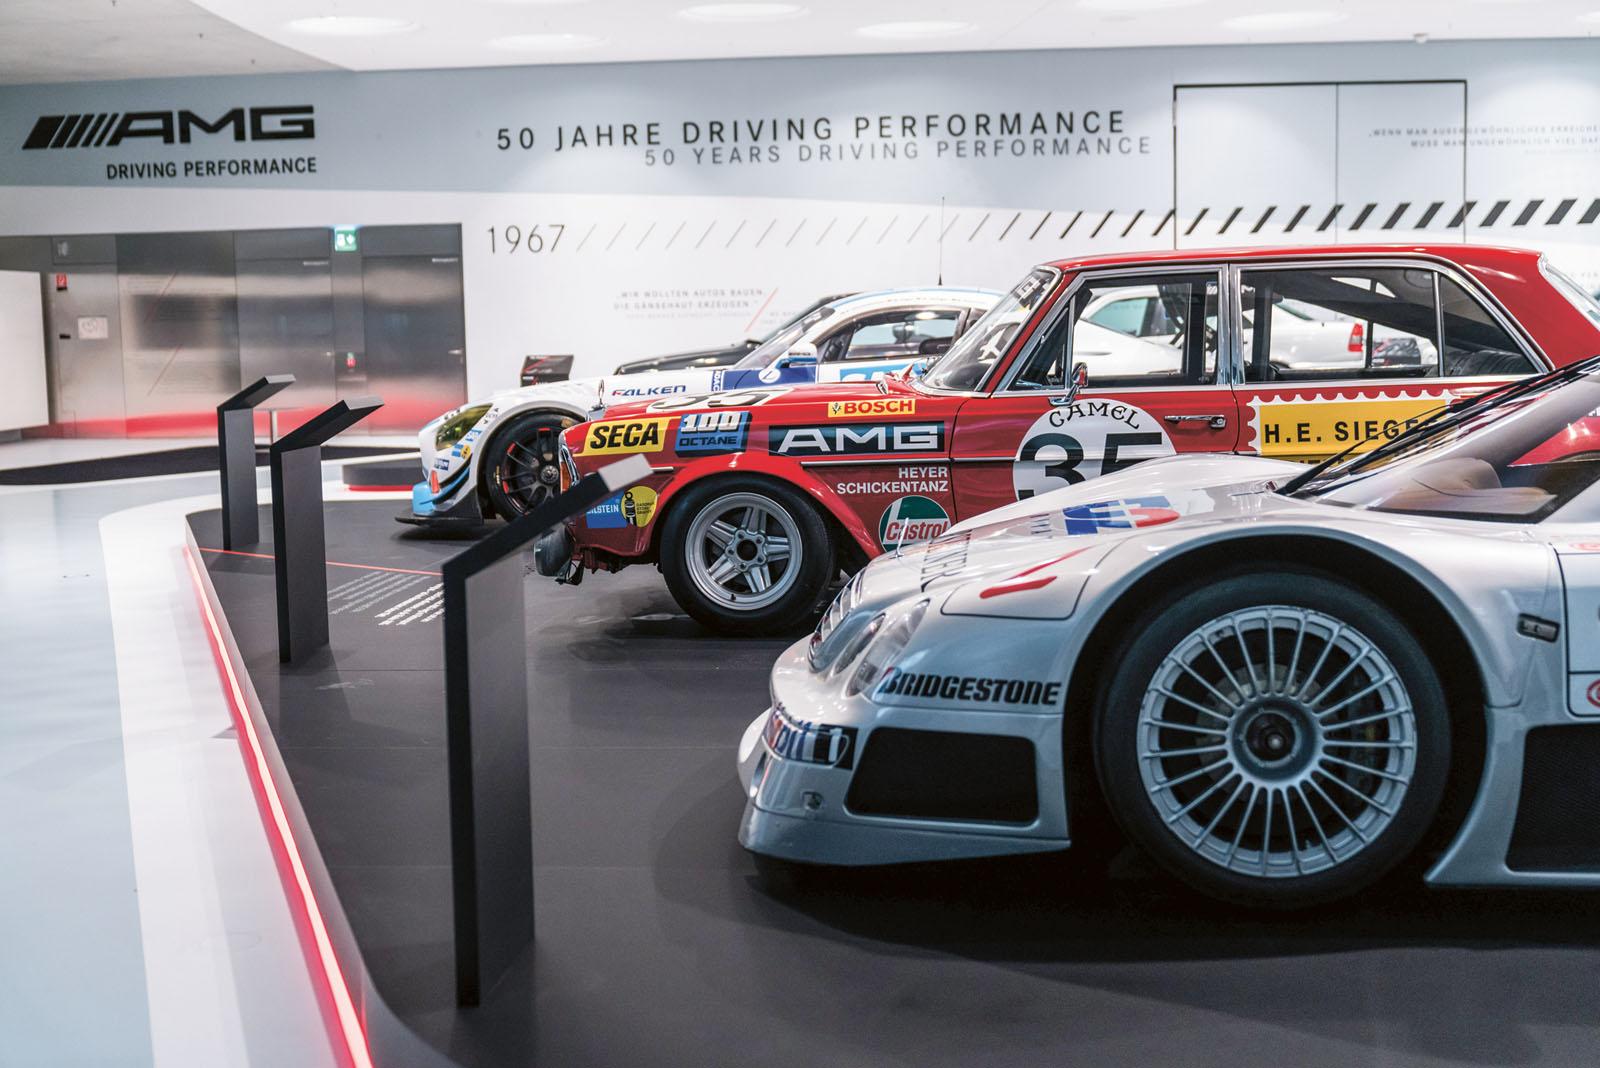 Lange Nacht der Museen Stuttgart - AMG Sonderausstellung 2017/2018